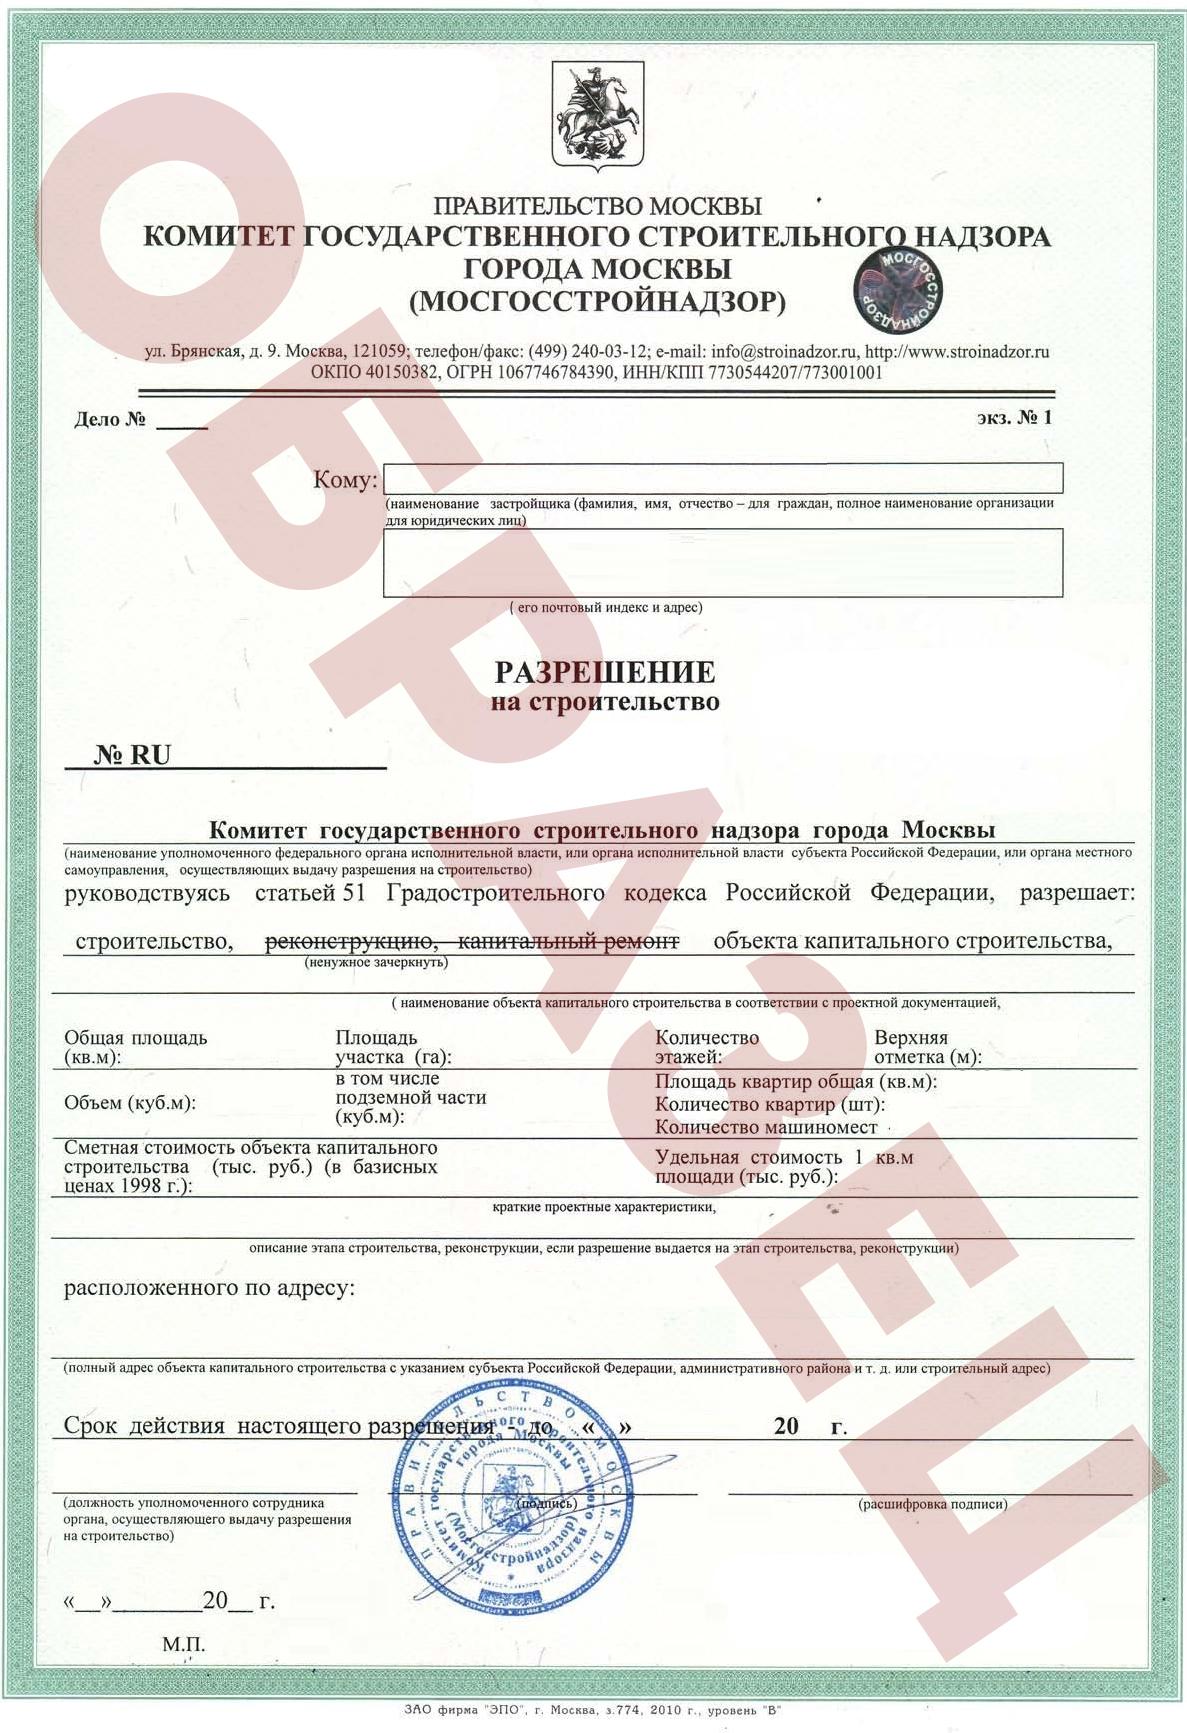 Образец Разрешения на строительство объекта недвижимости